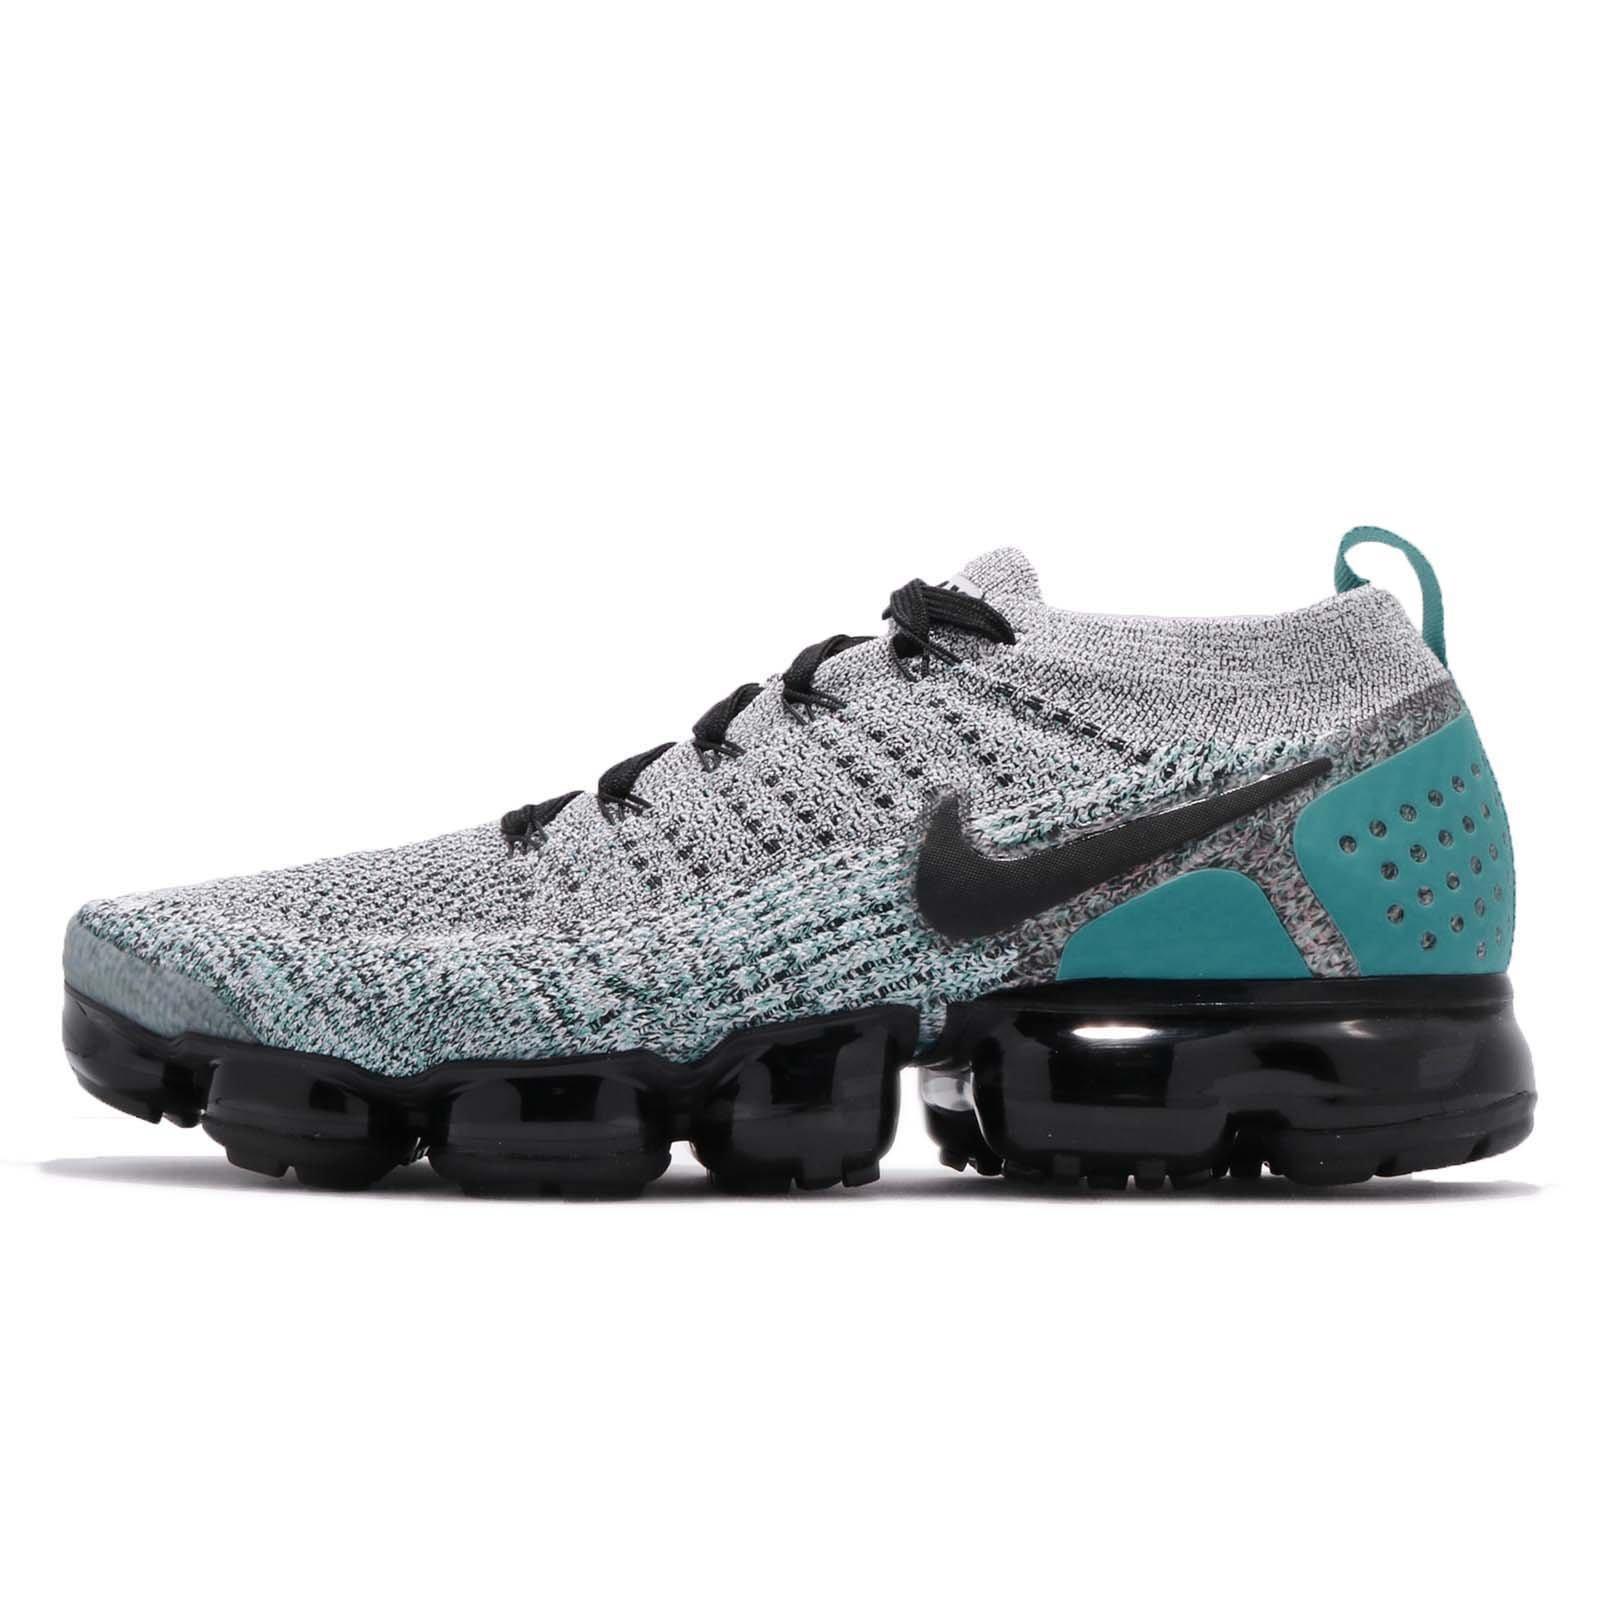 Nike Air Vapor Max Flyknit 2 Men's Shoes White/Black/Dusty Cactus 942842-104 (7 D(M) US)